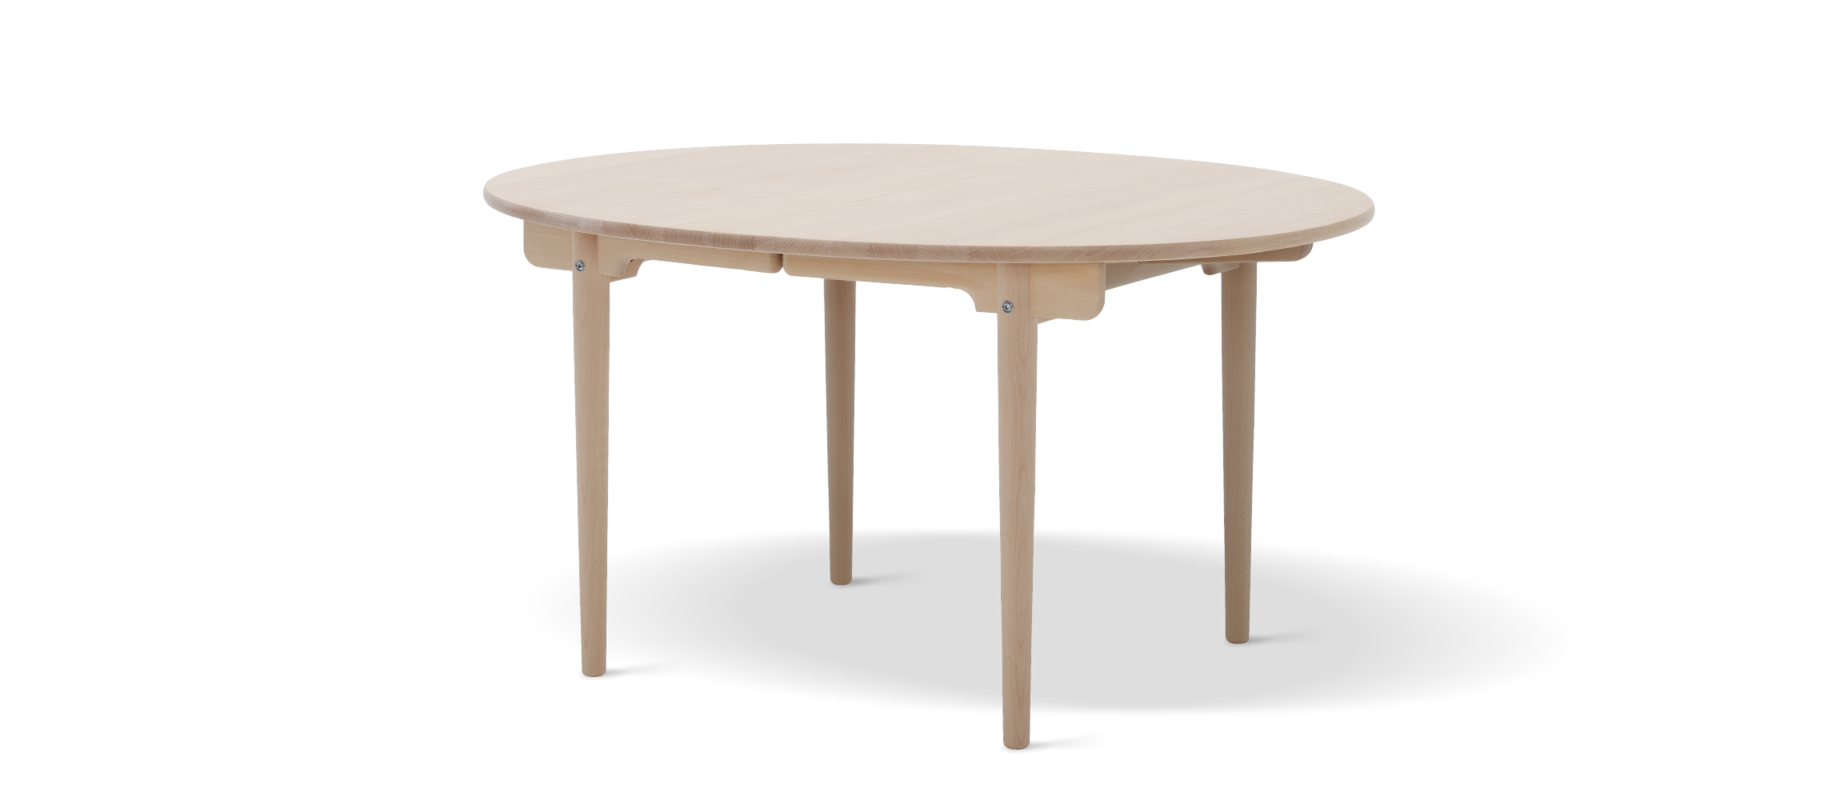 Inredning mät runda : Guide: Saker att tänka pÃ¥ innan du köper matbord! | Olsson & Gerthel